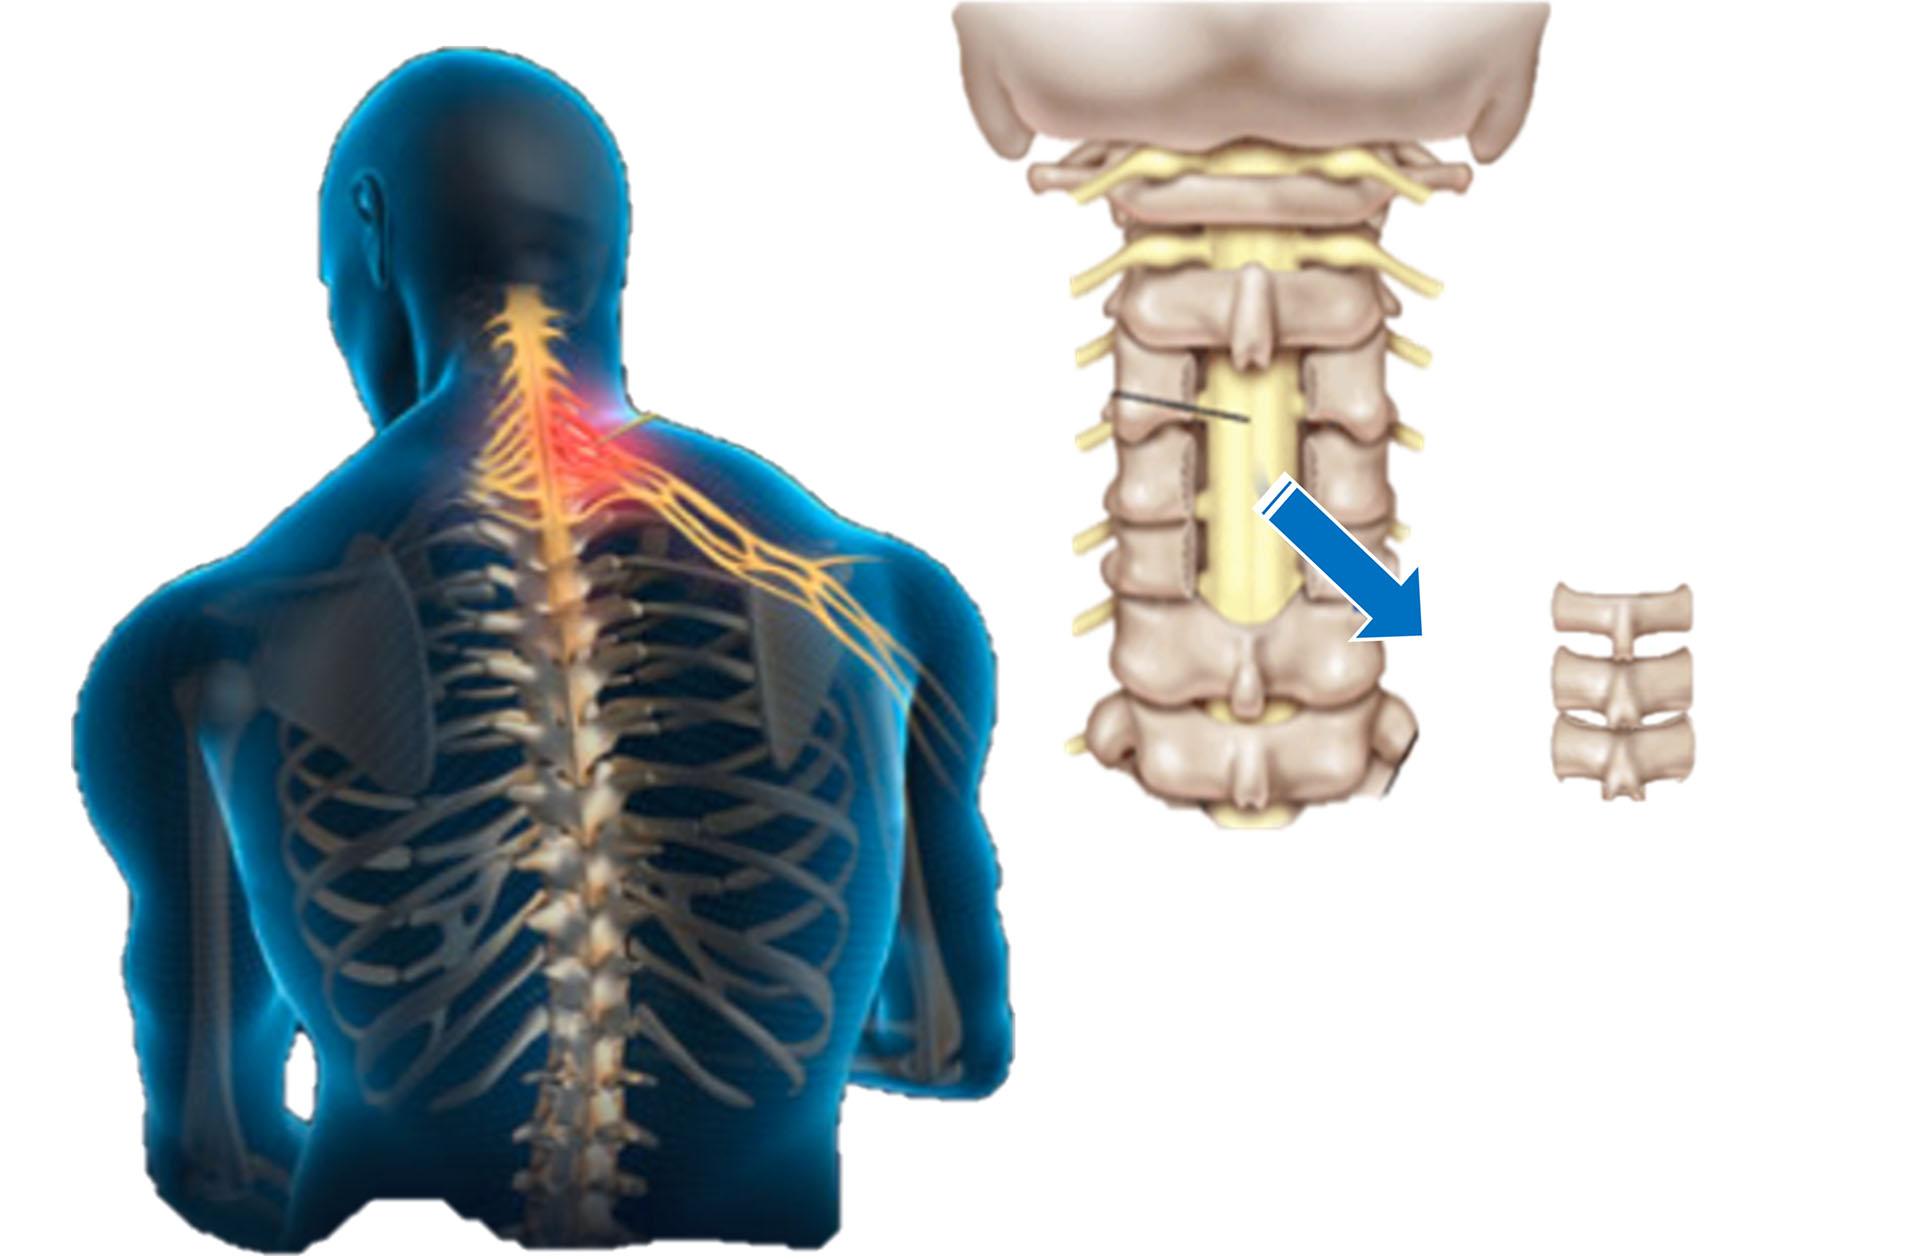 頸椎椎板切除手術